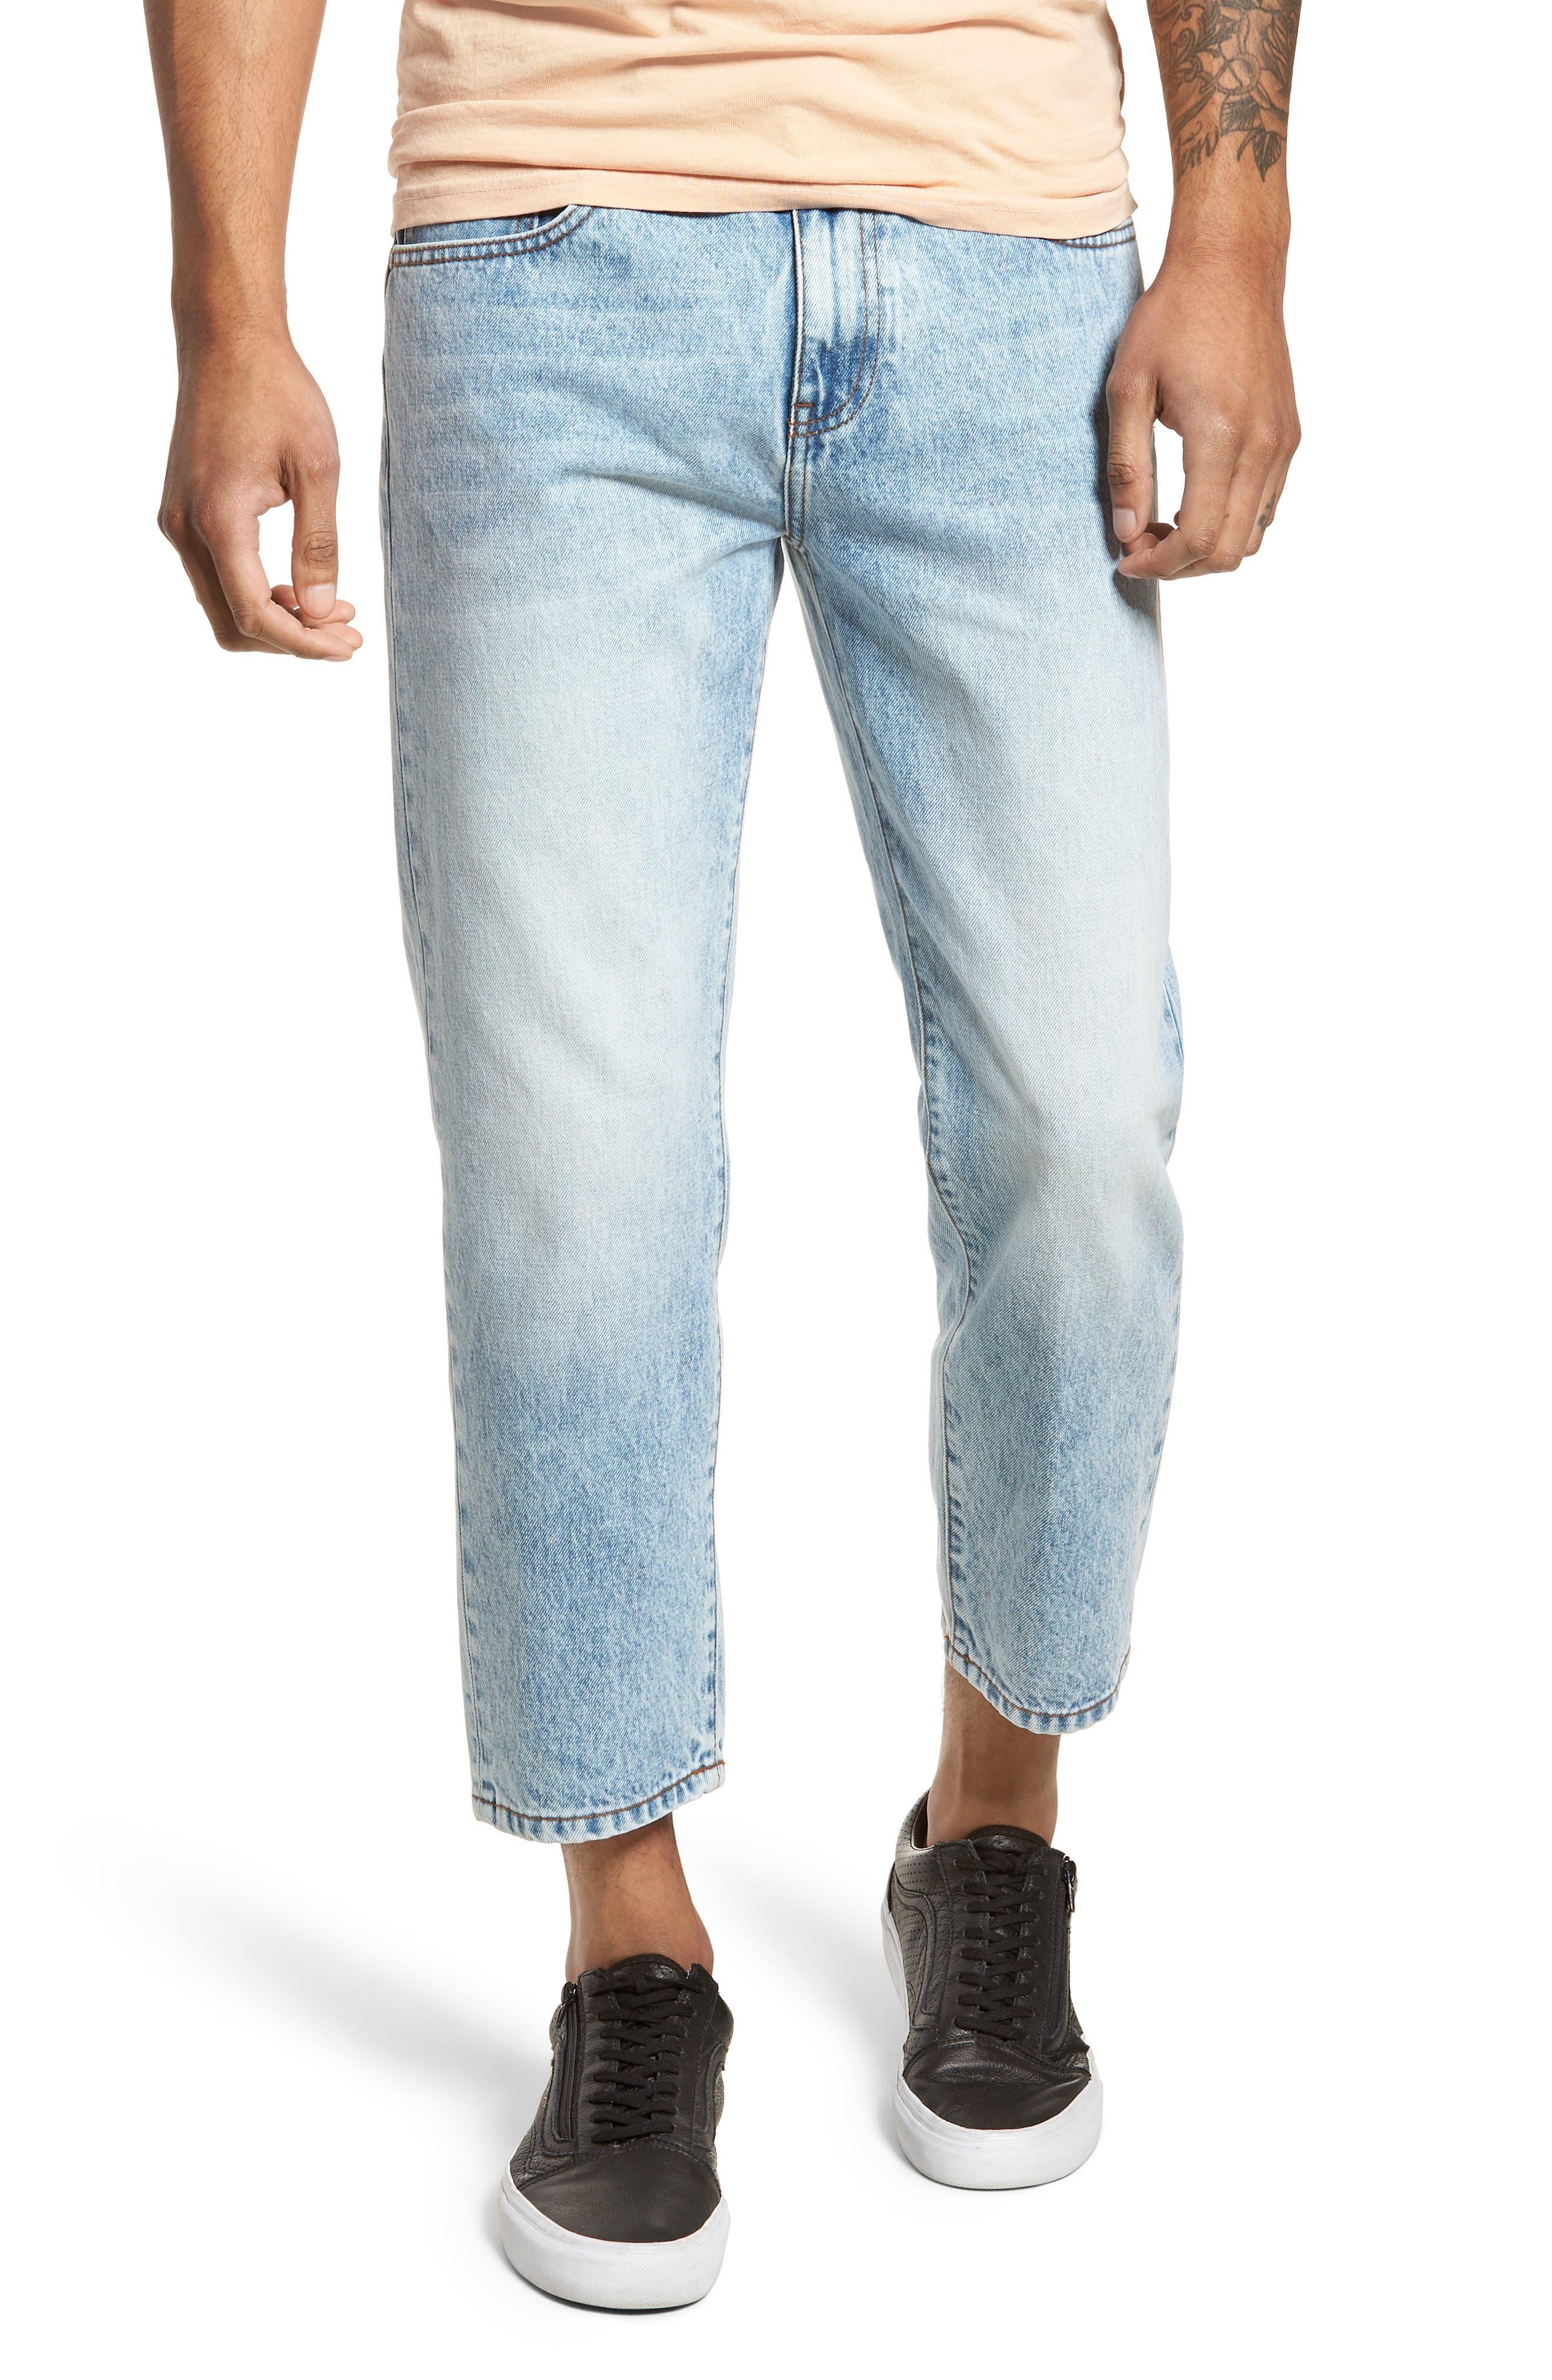 Otis Straight Leg Jeans,                             Main thumbnail 1, color,                             Light Blue Wash